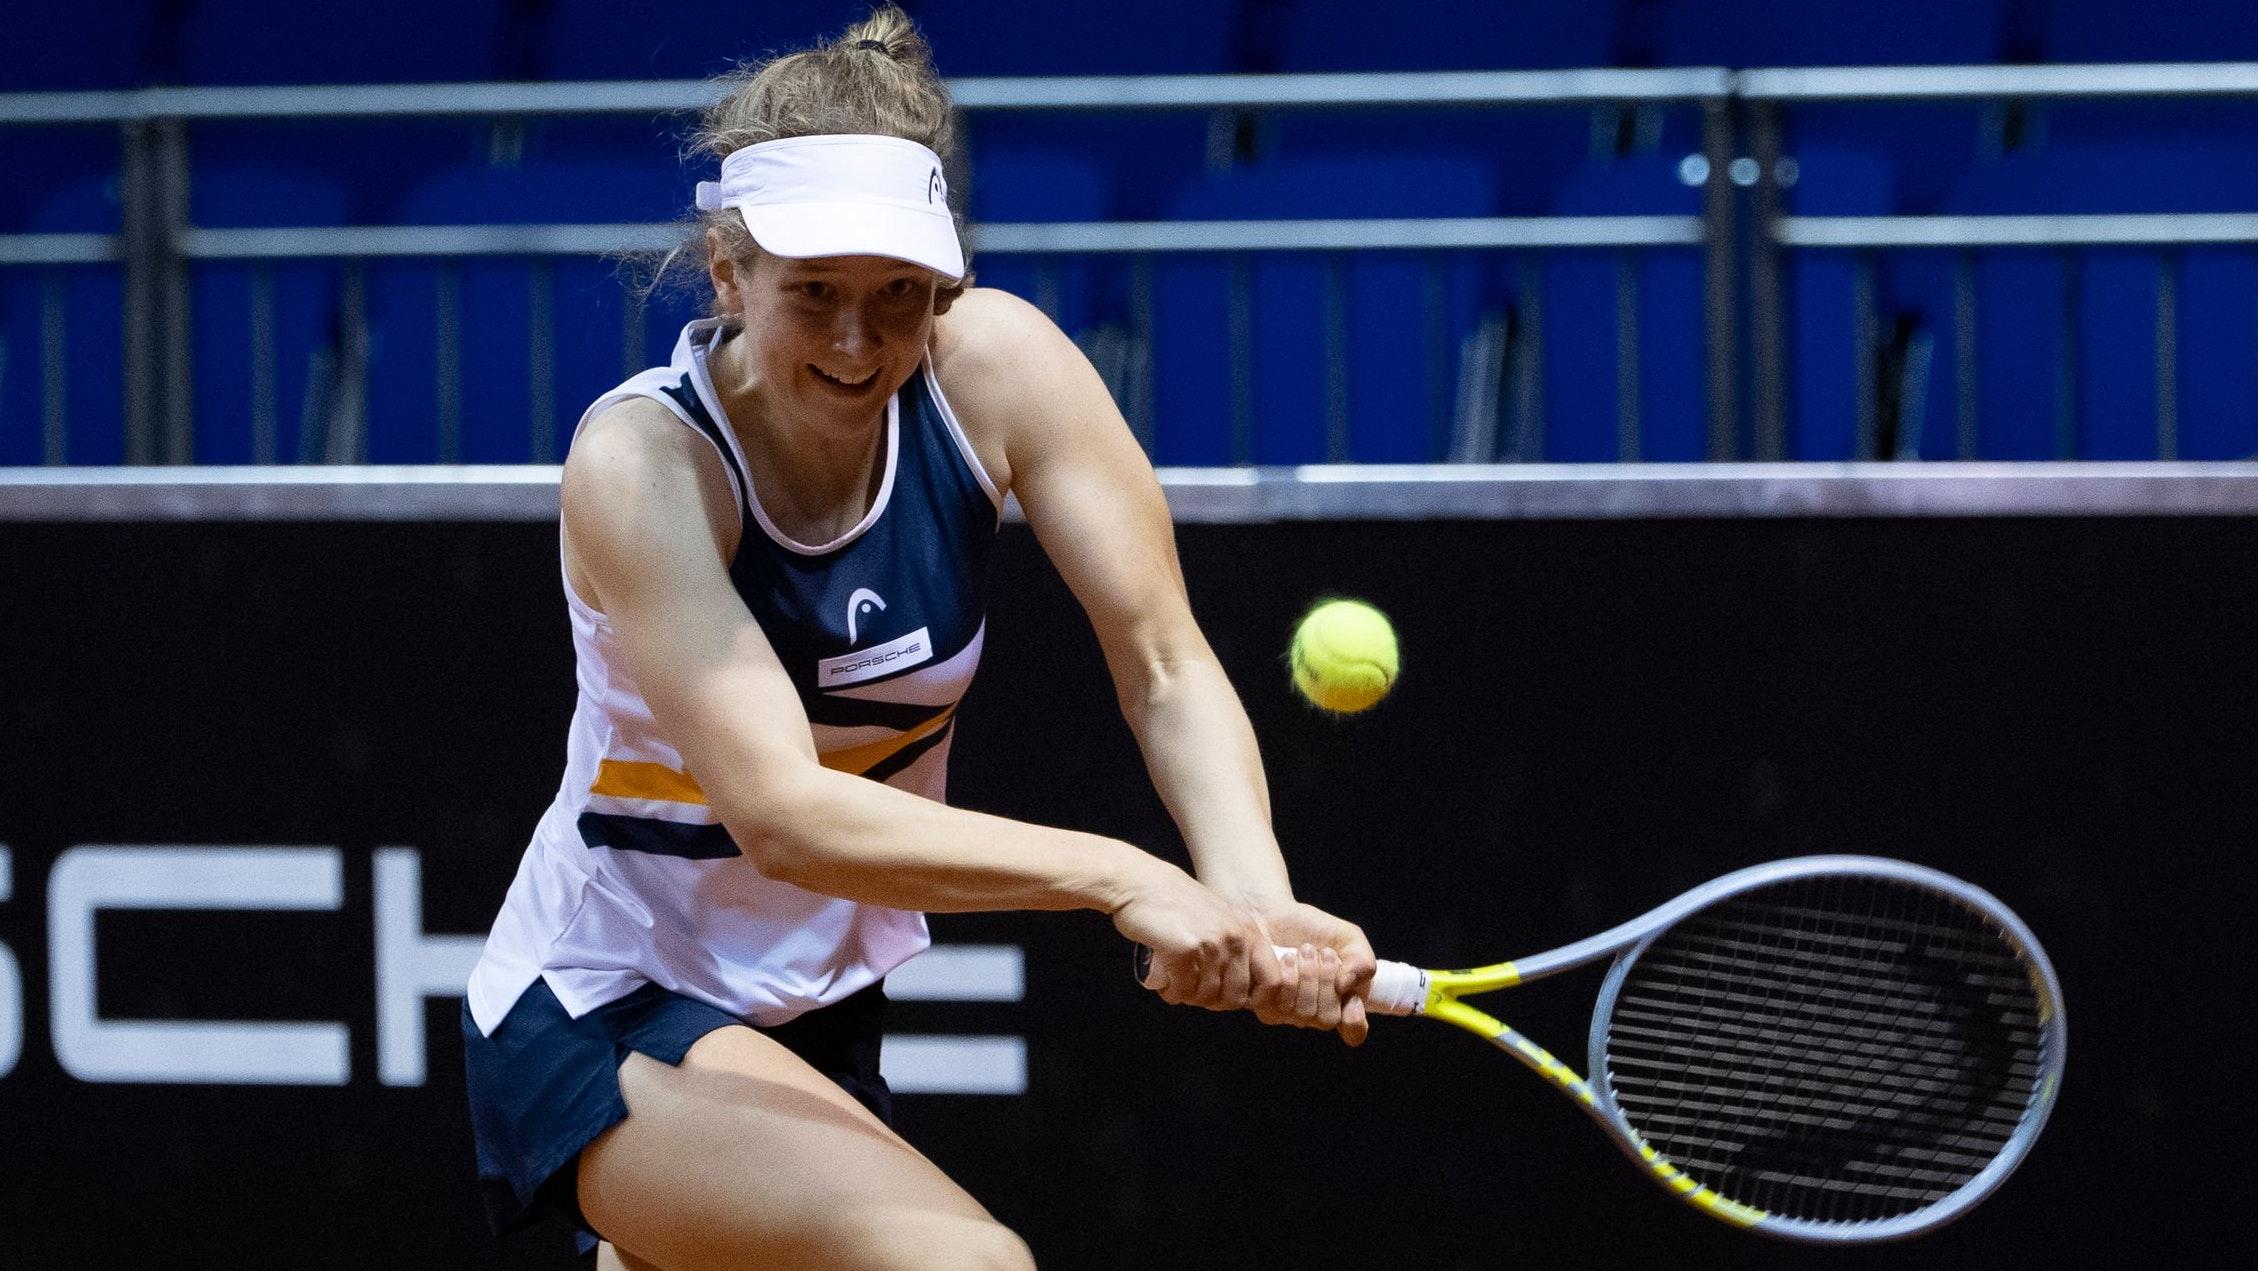 Turniersieg in Ricany, Ticket für Paris: Julia Middendorf. Foto: Porsche Media/Paul Zimmer